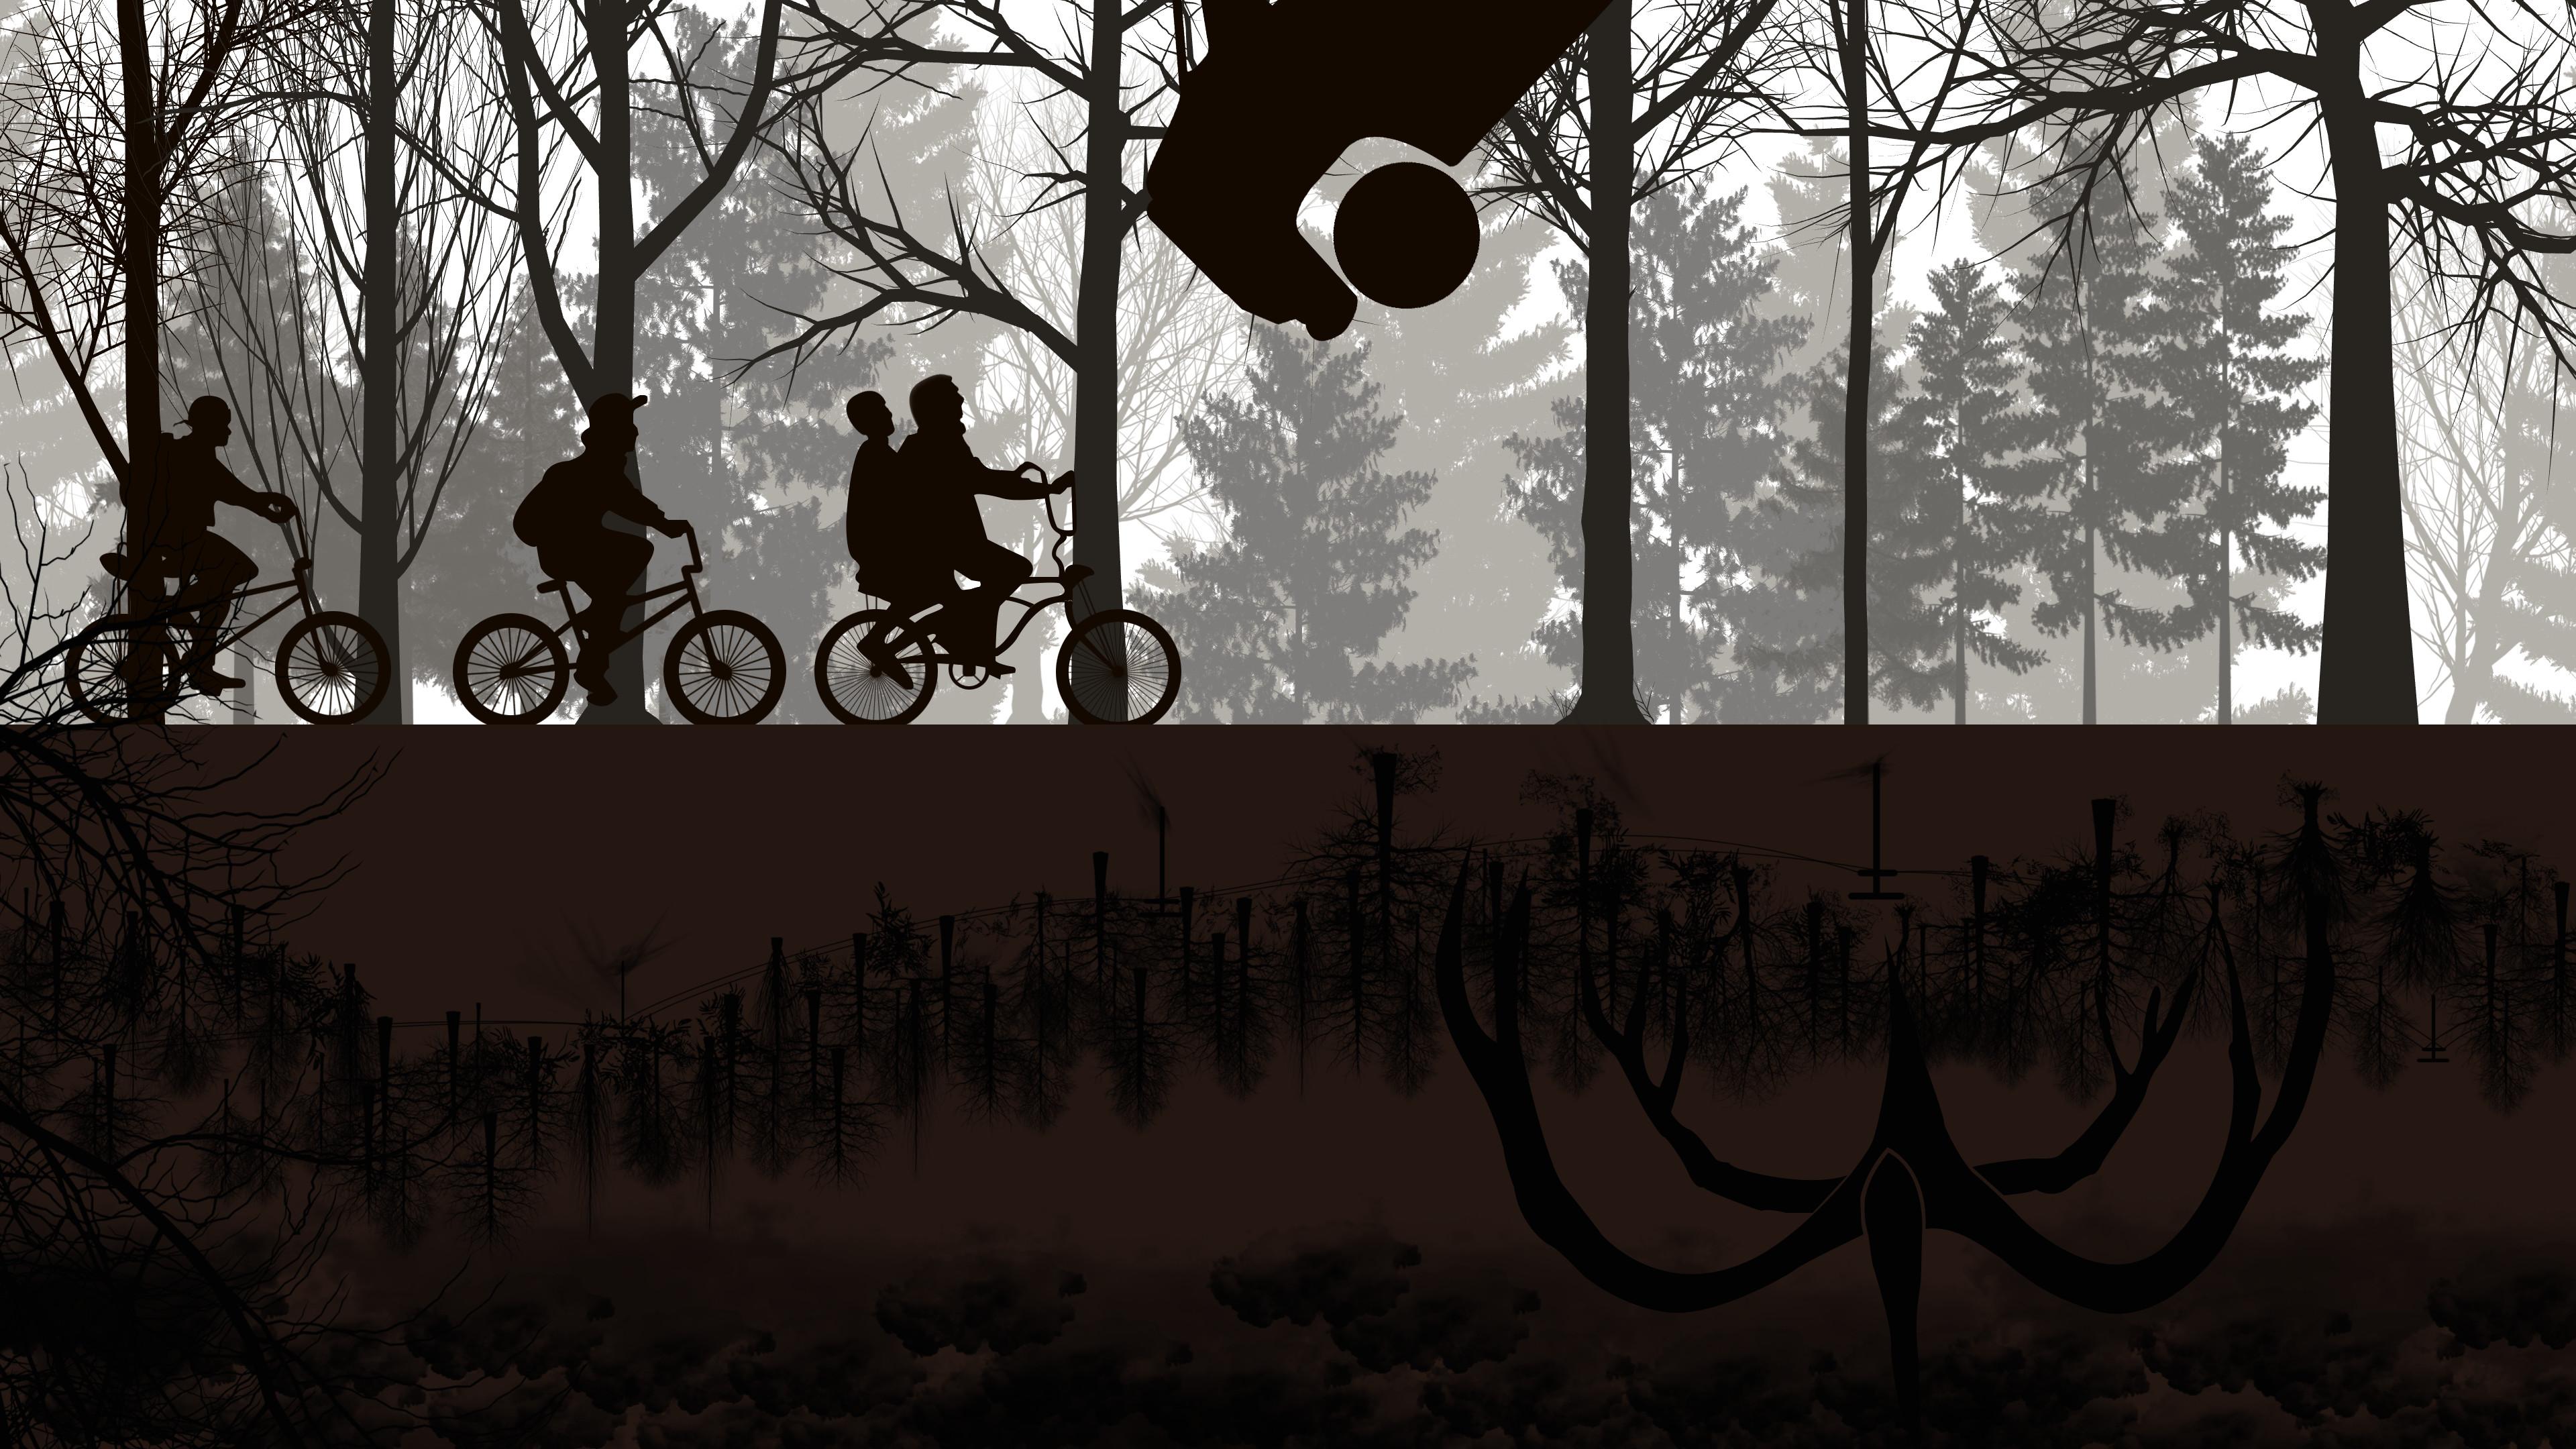 Wallpaper Stranger Things Netflix Tv Bicycle 4k 3840x2160